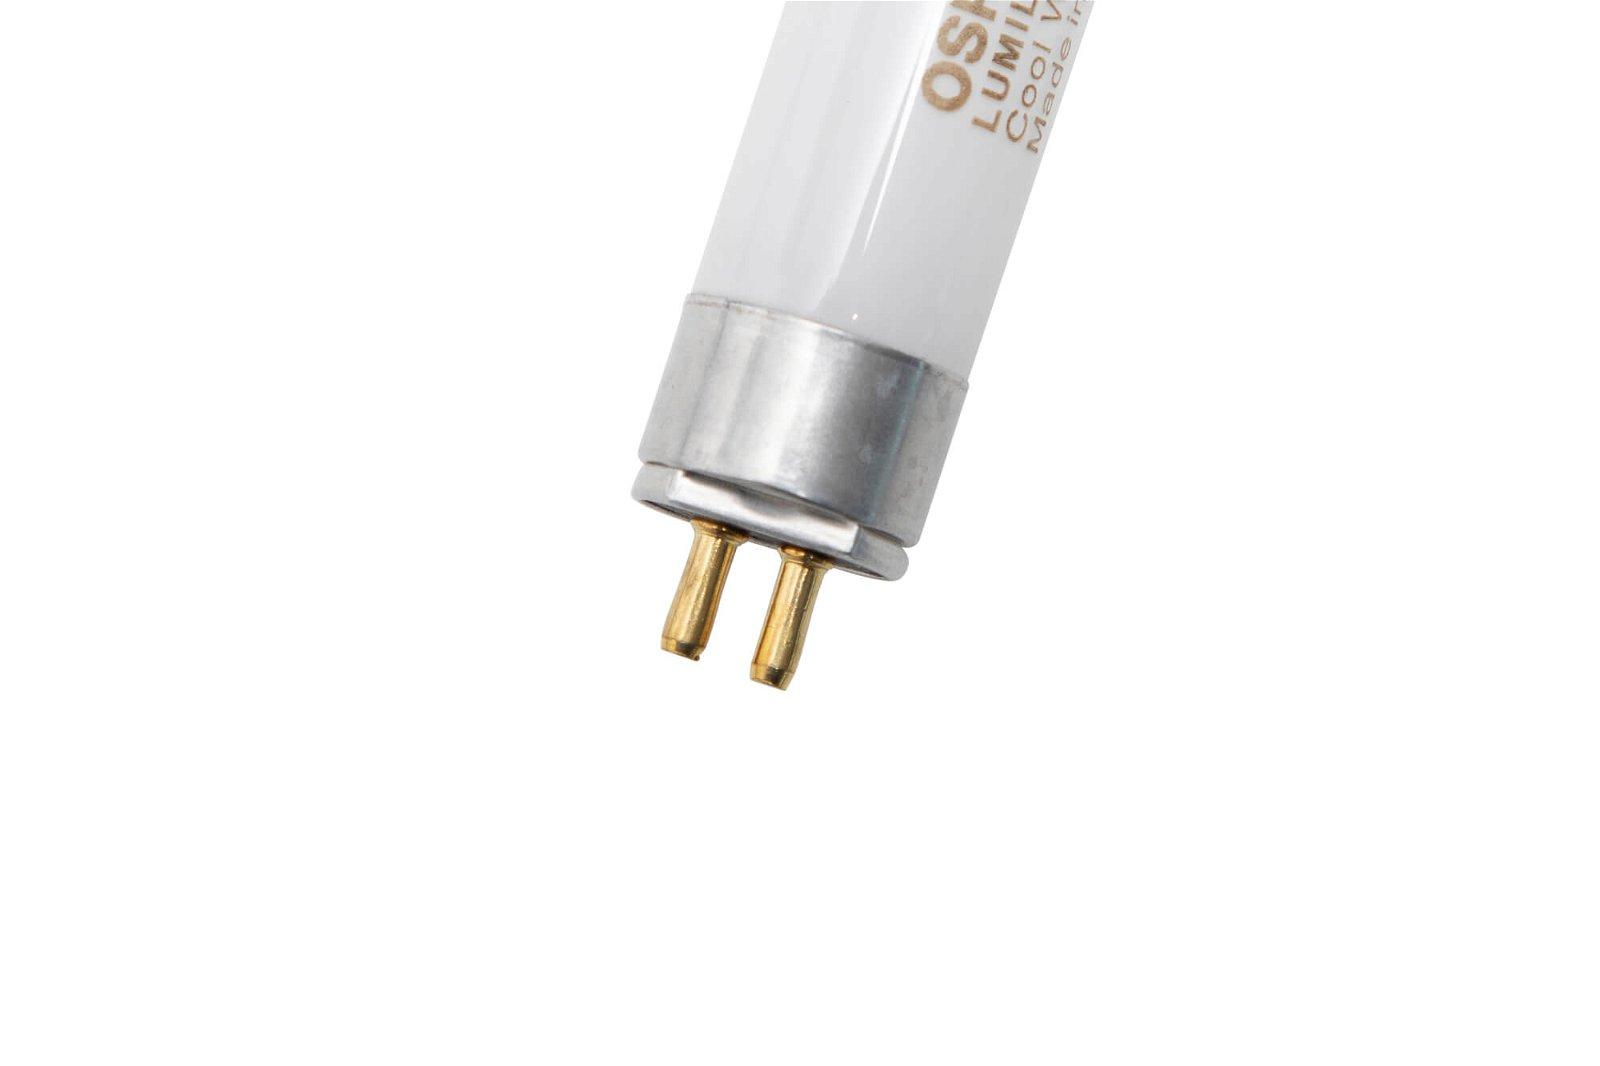 Energiespar-Leuchtmittel, 14 Watt, Sockel G5, 4500 K, glasklar